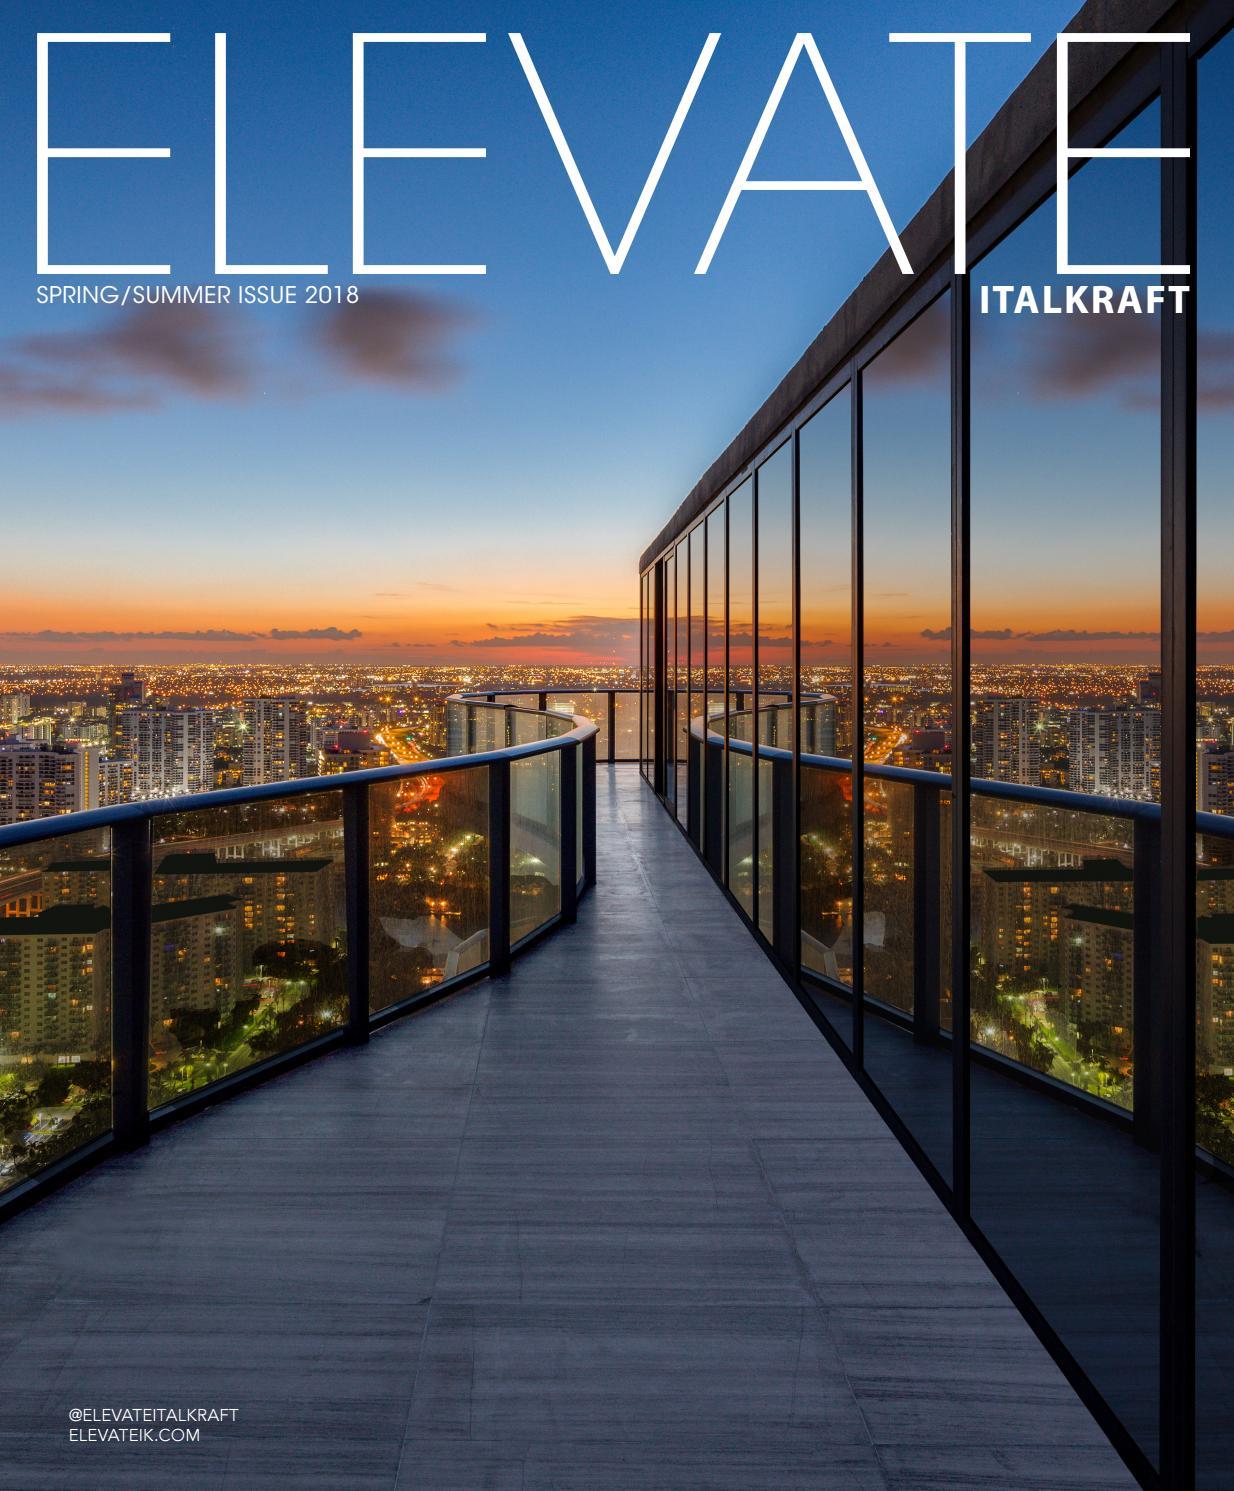 Elevate Italkraft Magazine | Spring/Summer Issue 2018 by ITALKRAFT